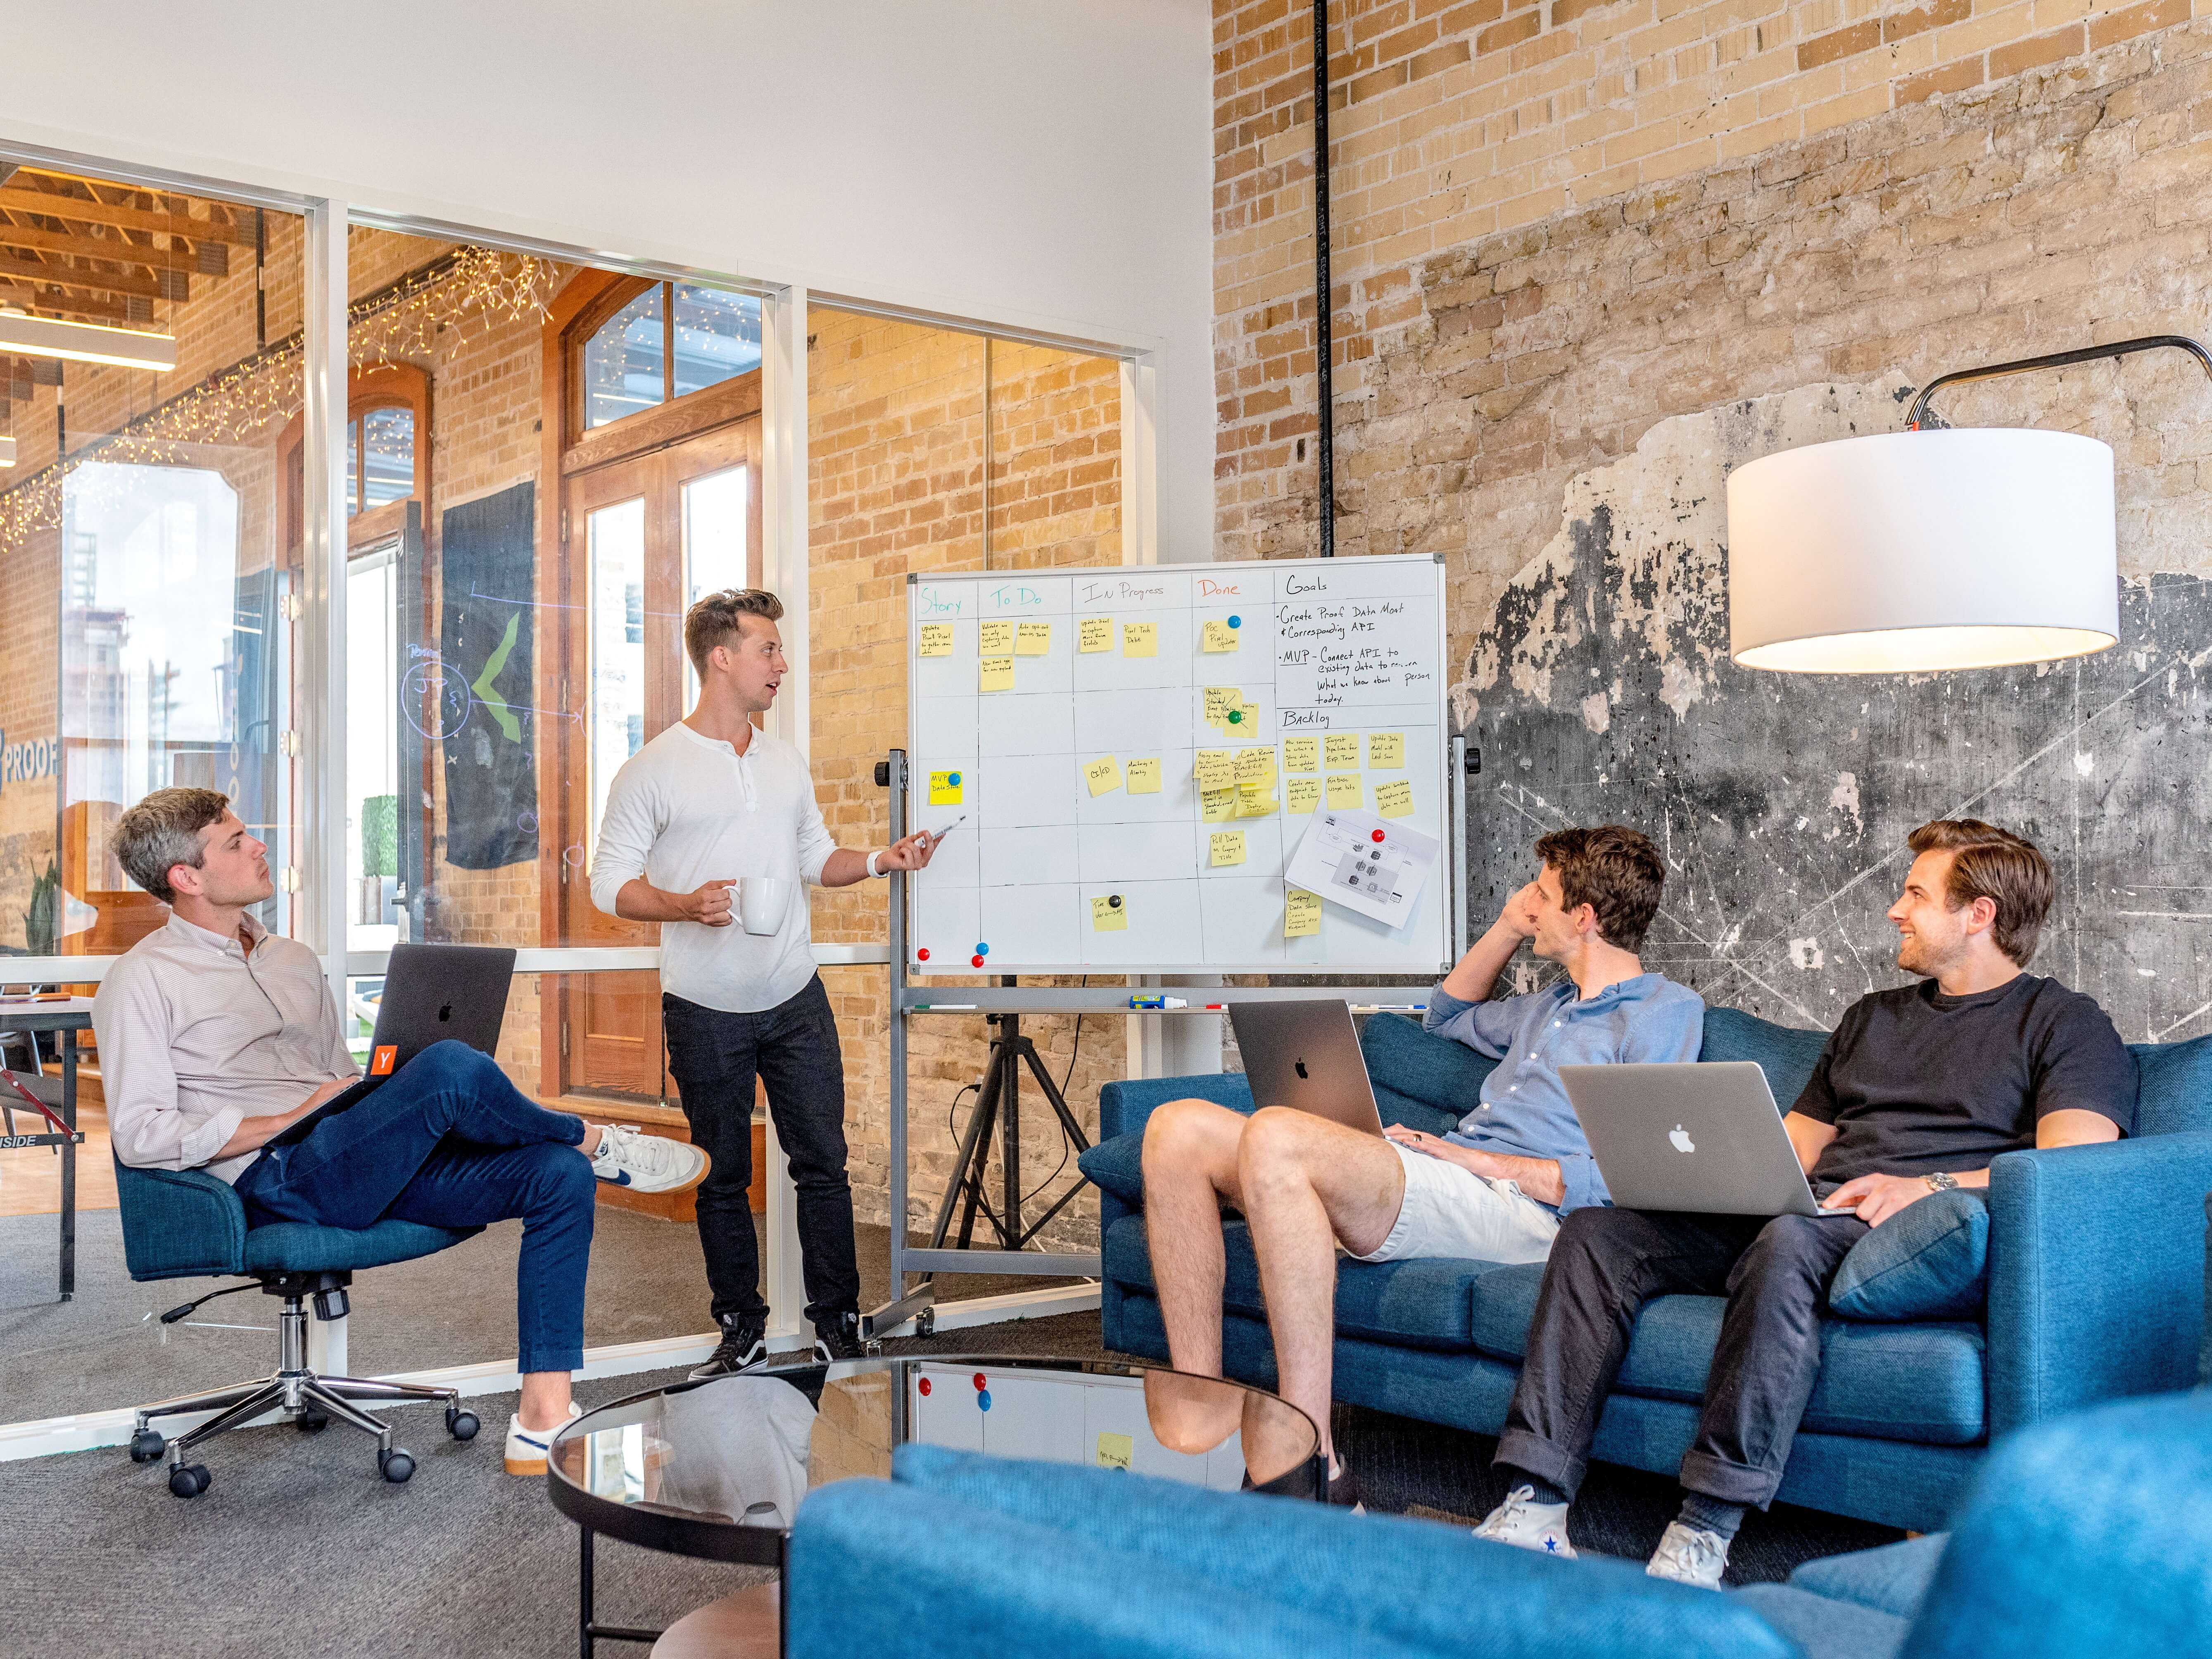 A team discuss ideas on a white board